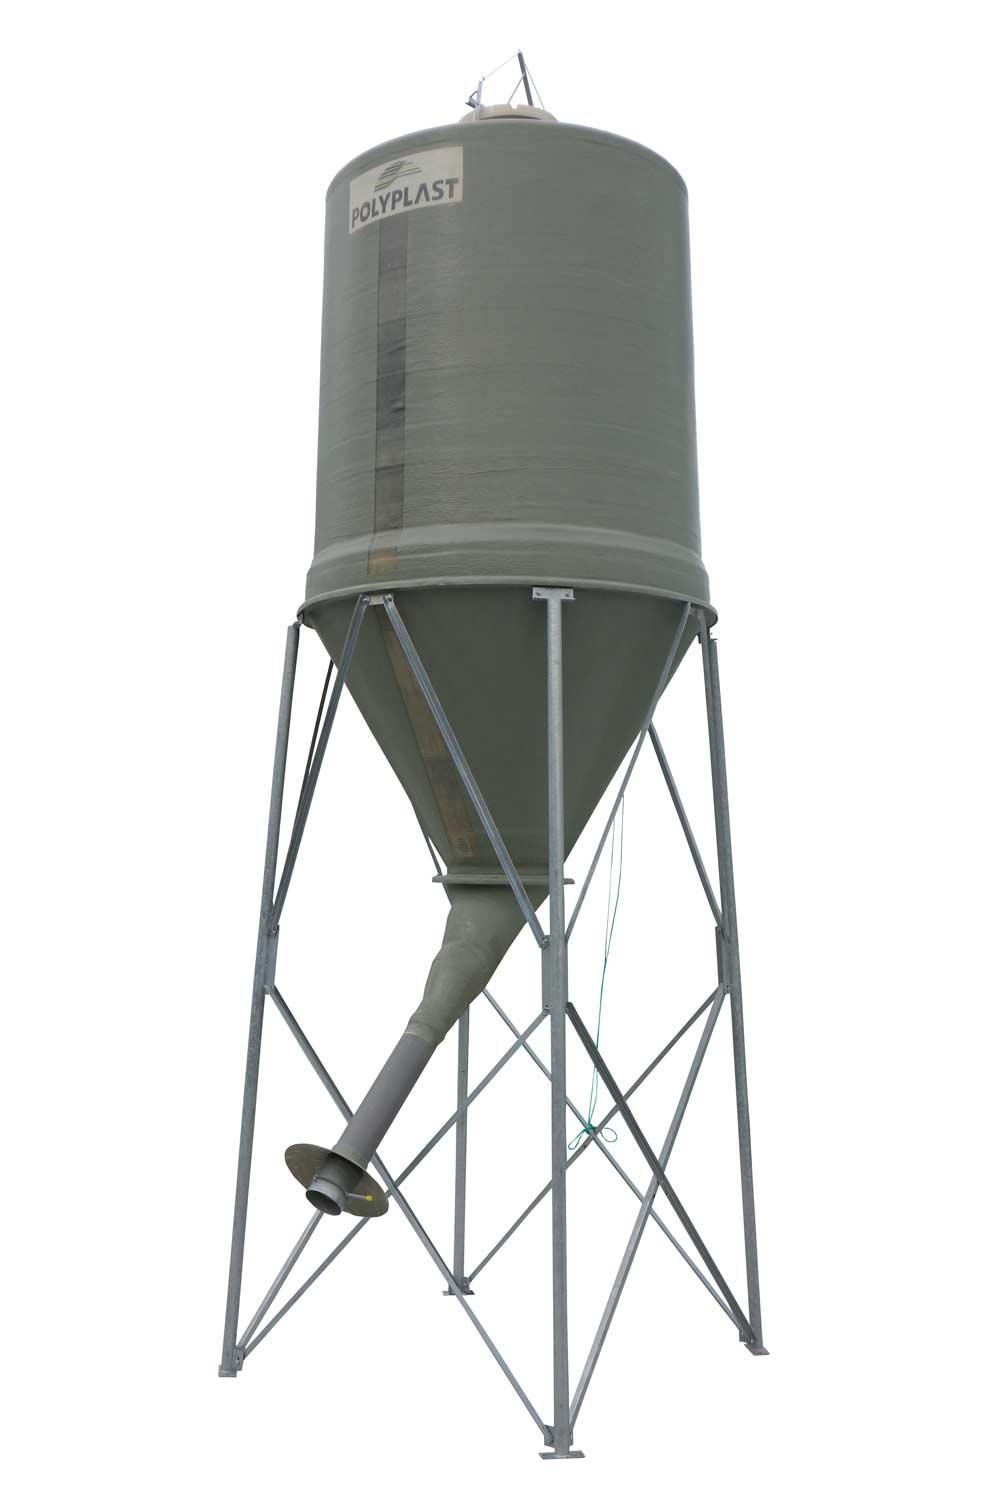 Silo à grain agricole avec cône axial et goulotte déportée